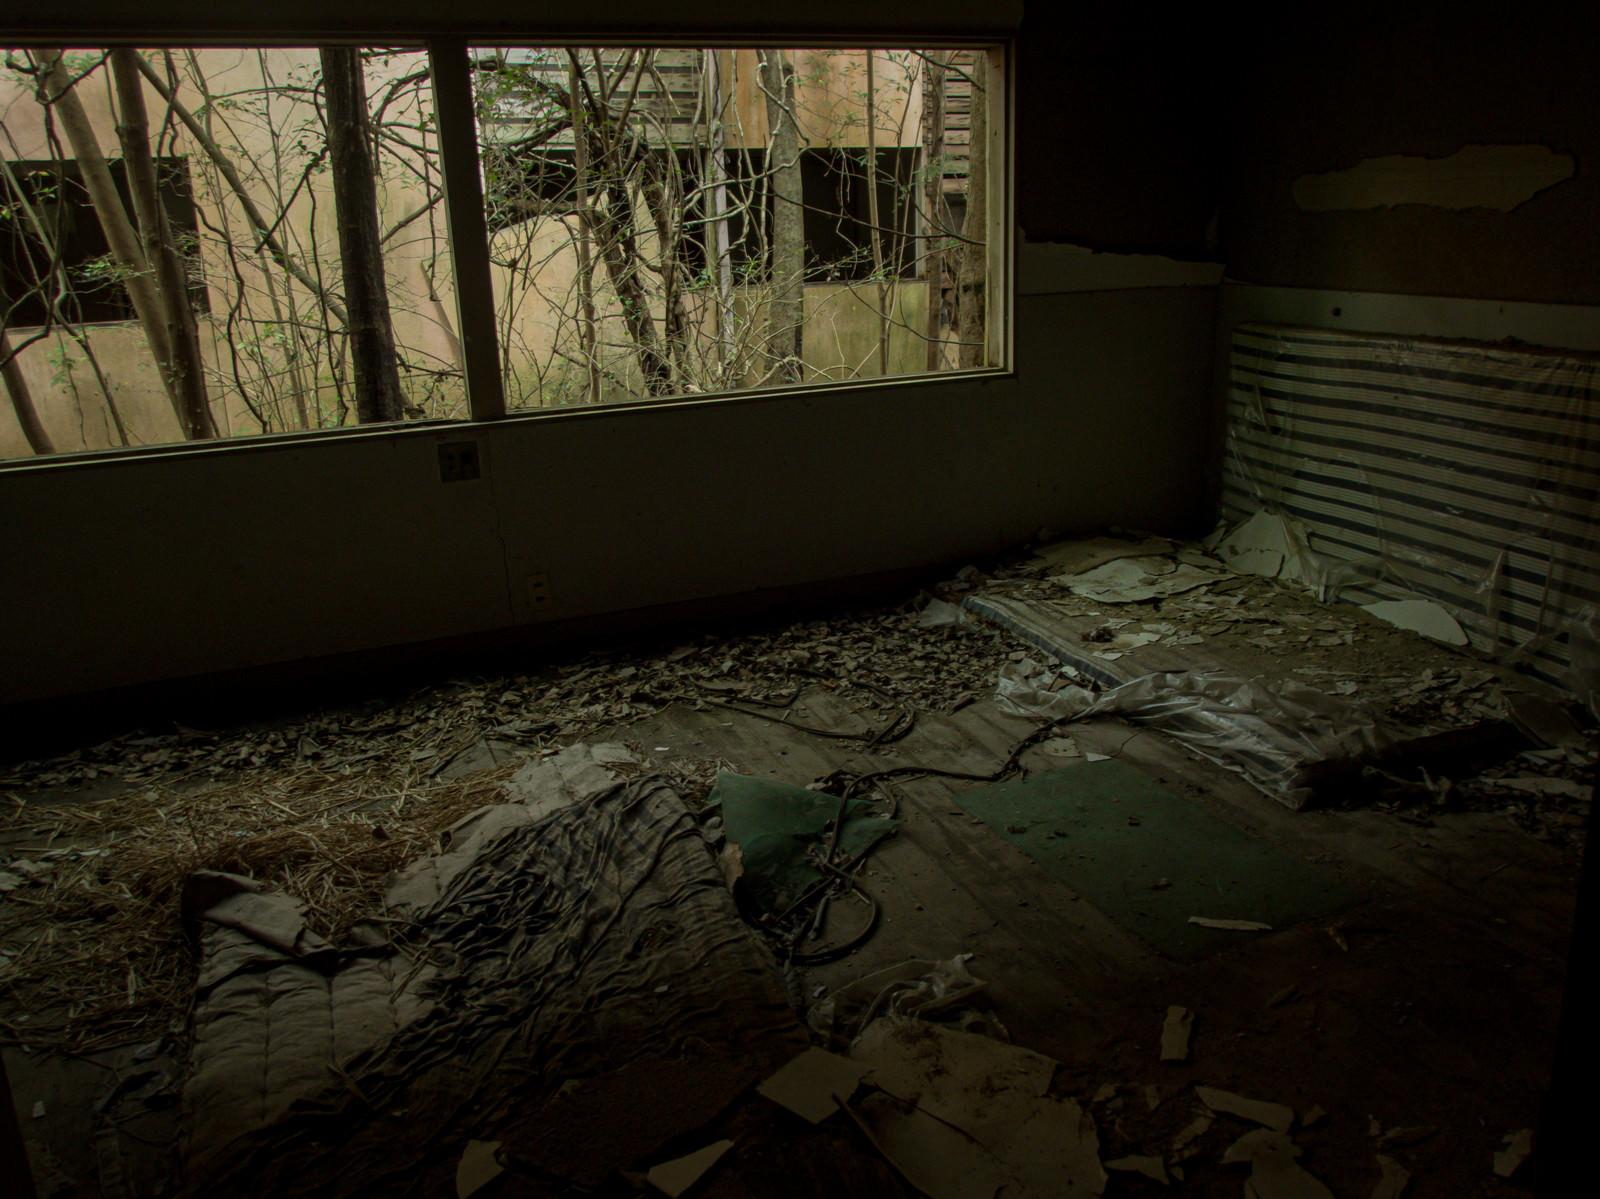 「ボロボロに剥がれた廃部屋とマット」の写真